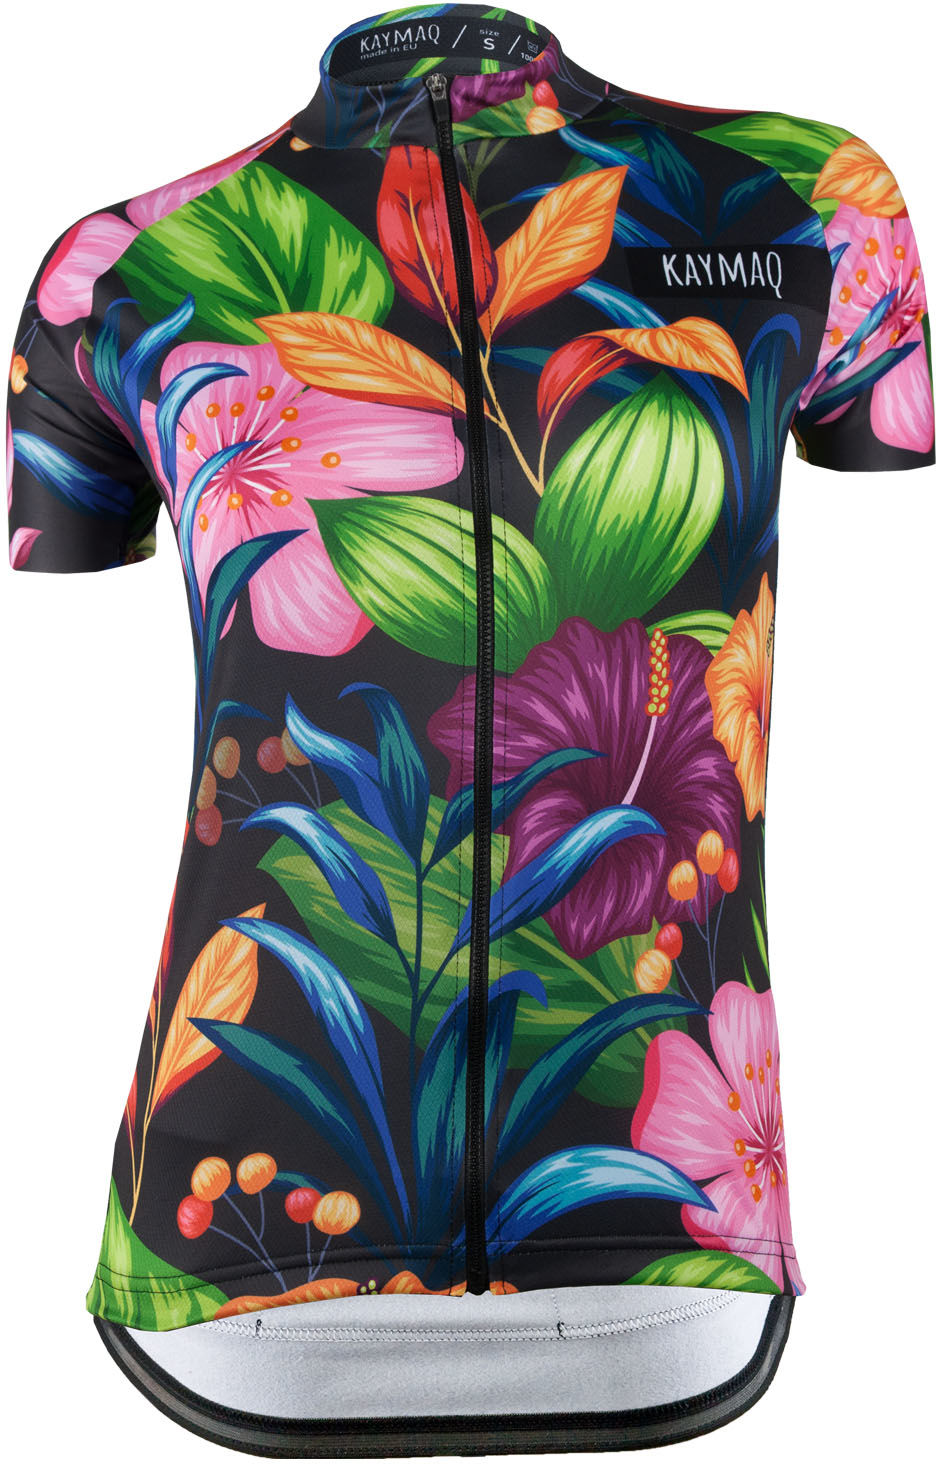 KAYMAQ DESIGN W14 damska koszulka rowerowa krótki rękaw Rozmiar: M,KYMQ-W14-KOSZ